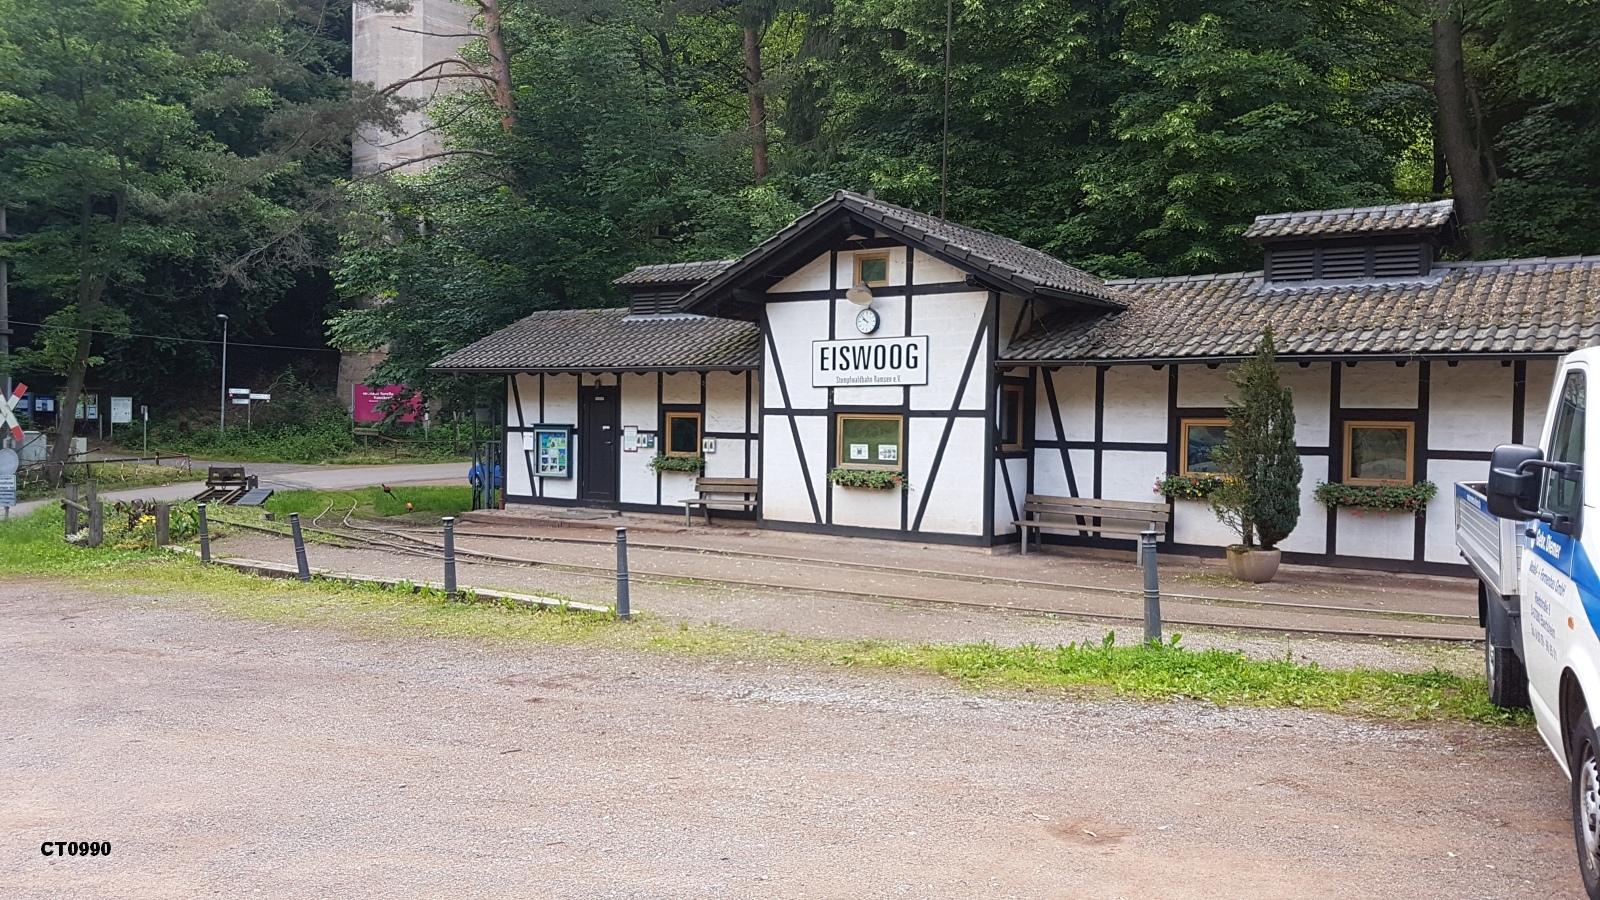 Bahnhof Eiswoog der Stumpfwaldbahn